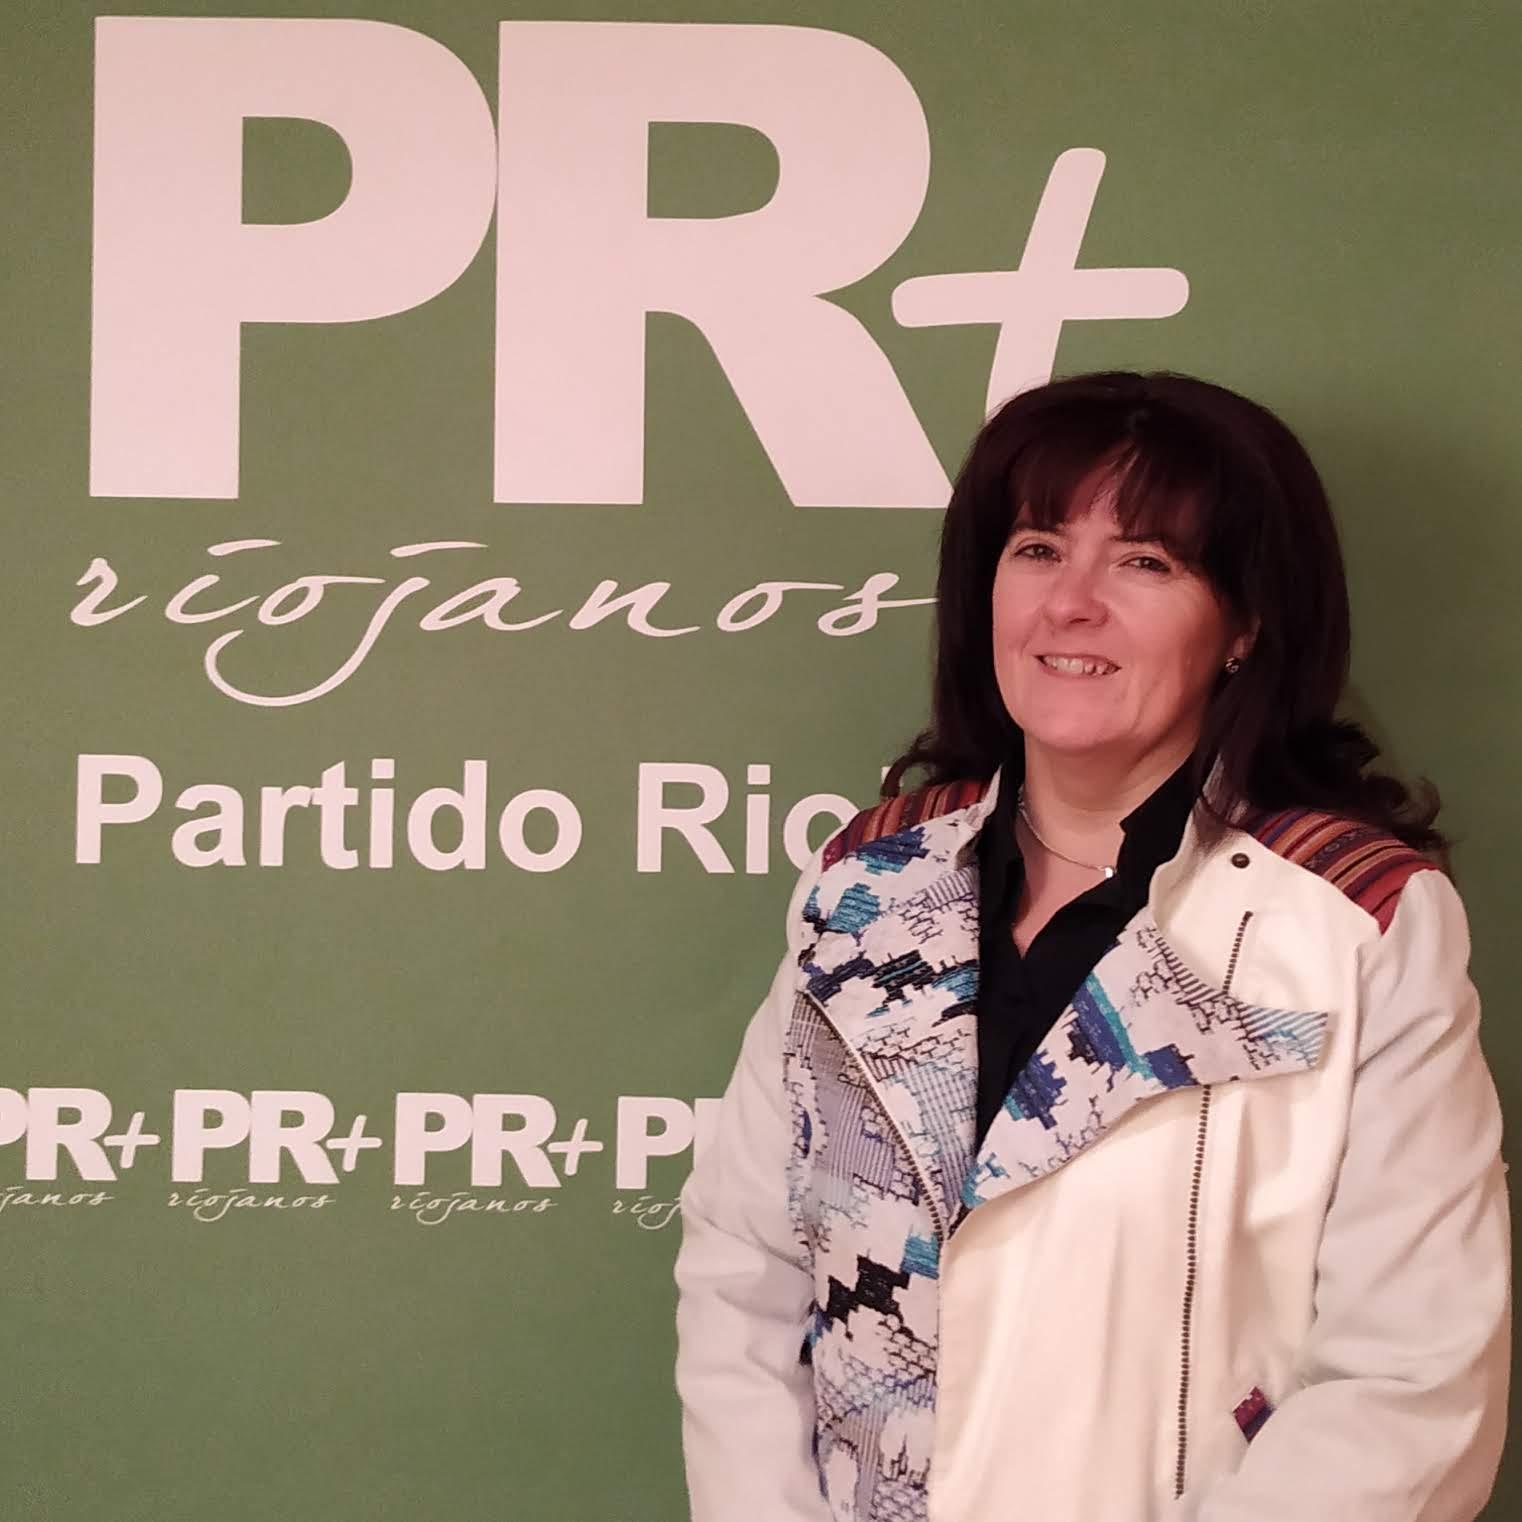 PR Arnedo afirma que la rectificación del Gobierno permitiendo las rebajas le da la razón en su defensa del comercio